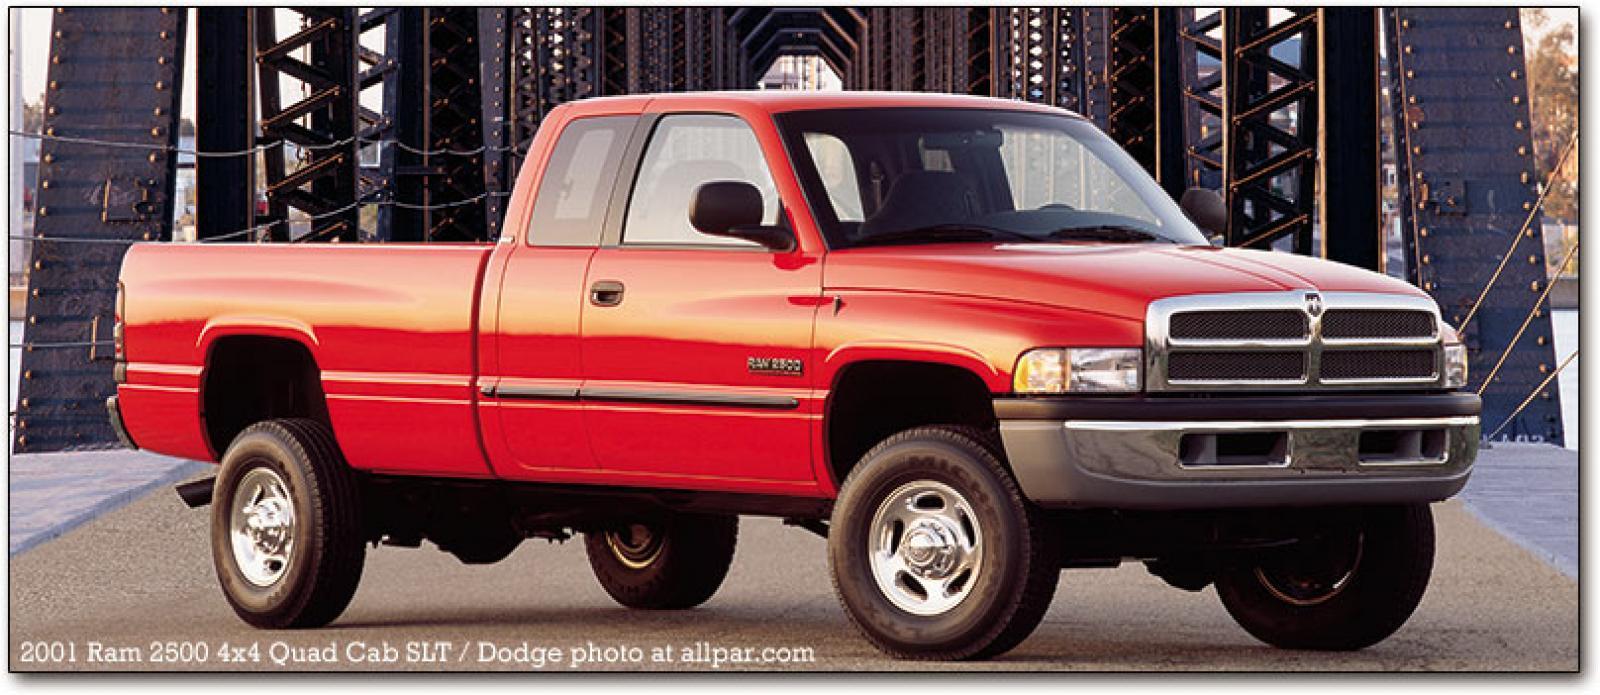 800 1024 1280 1600 origin 1998 Dodge Ram ...